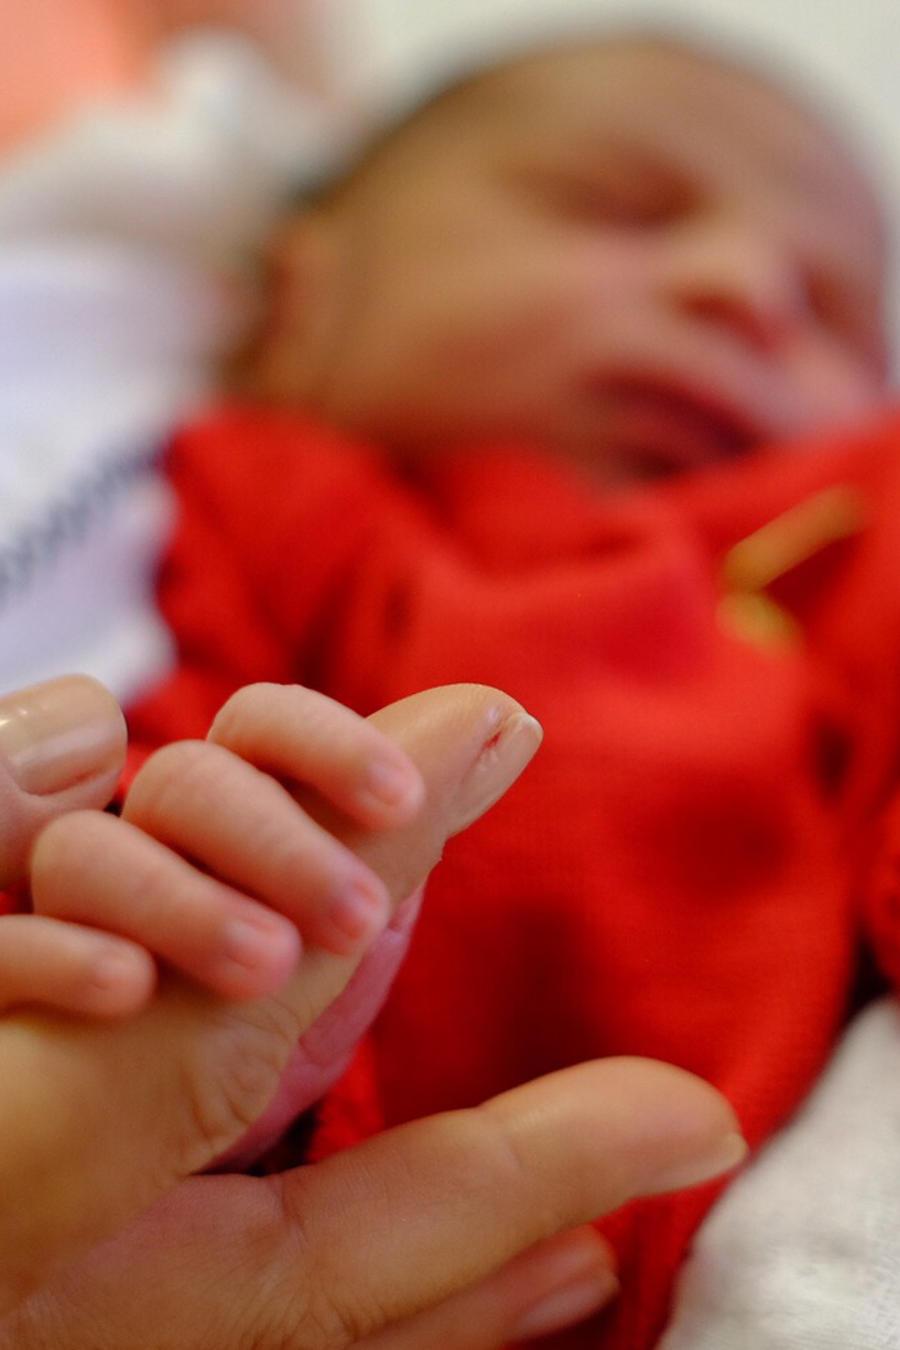 Mamá sosteniendo la mano de su bebé recién nacido